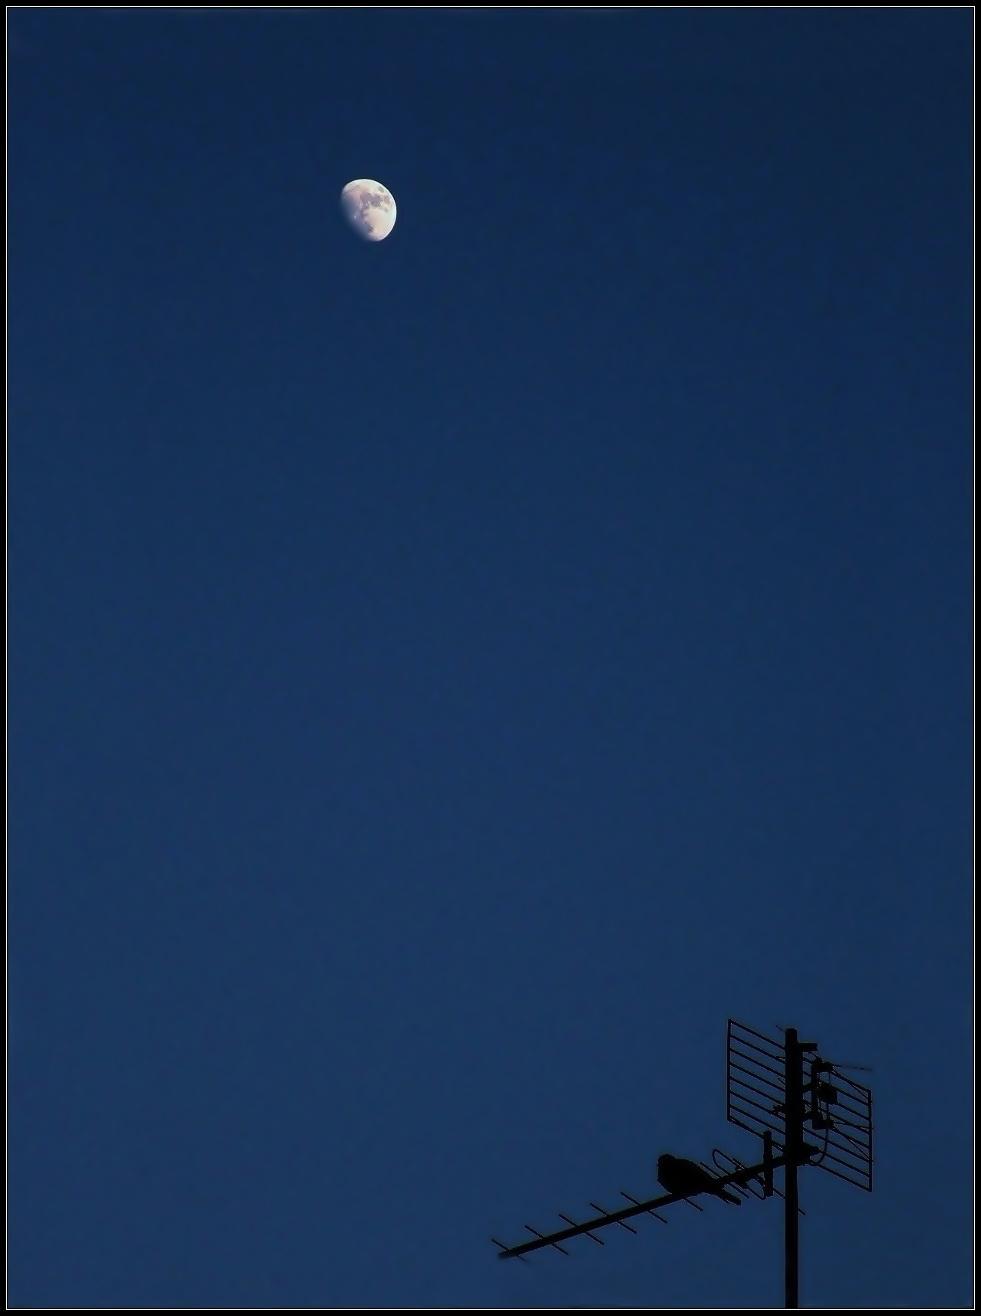 Hold és a kismadár